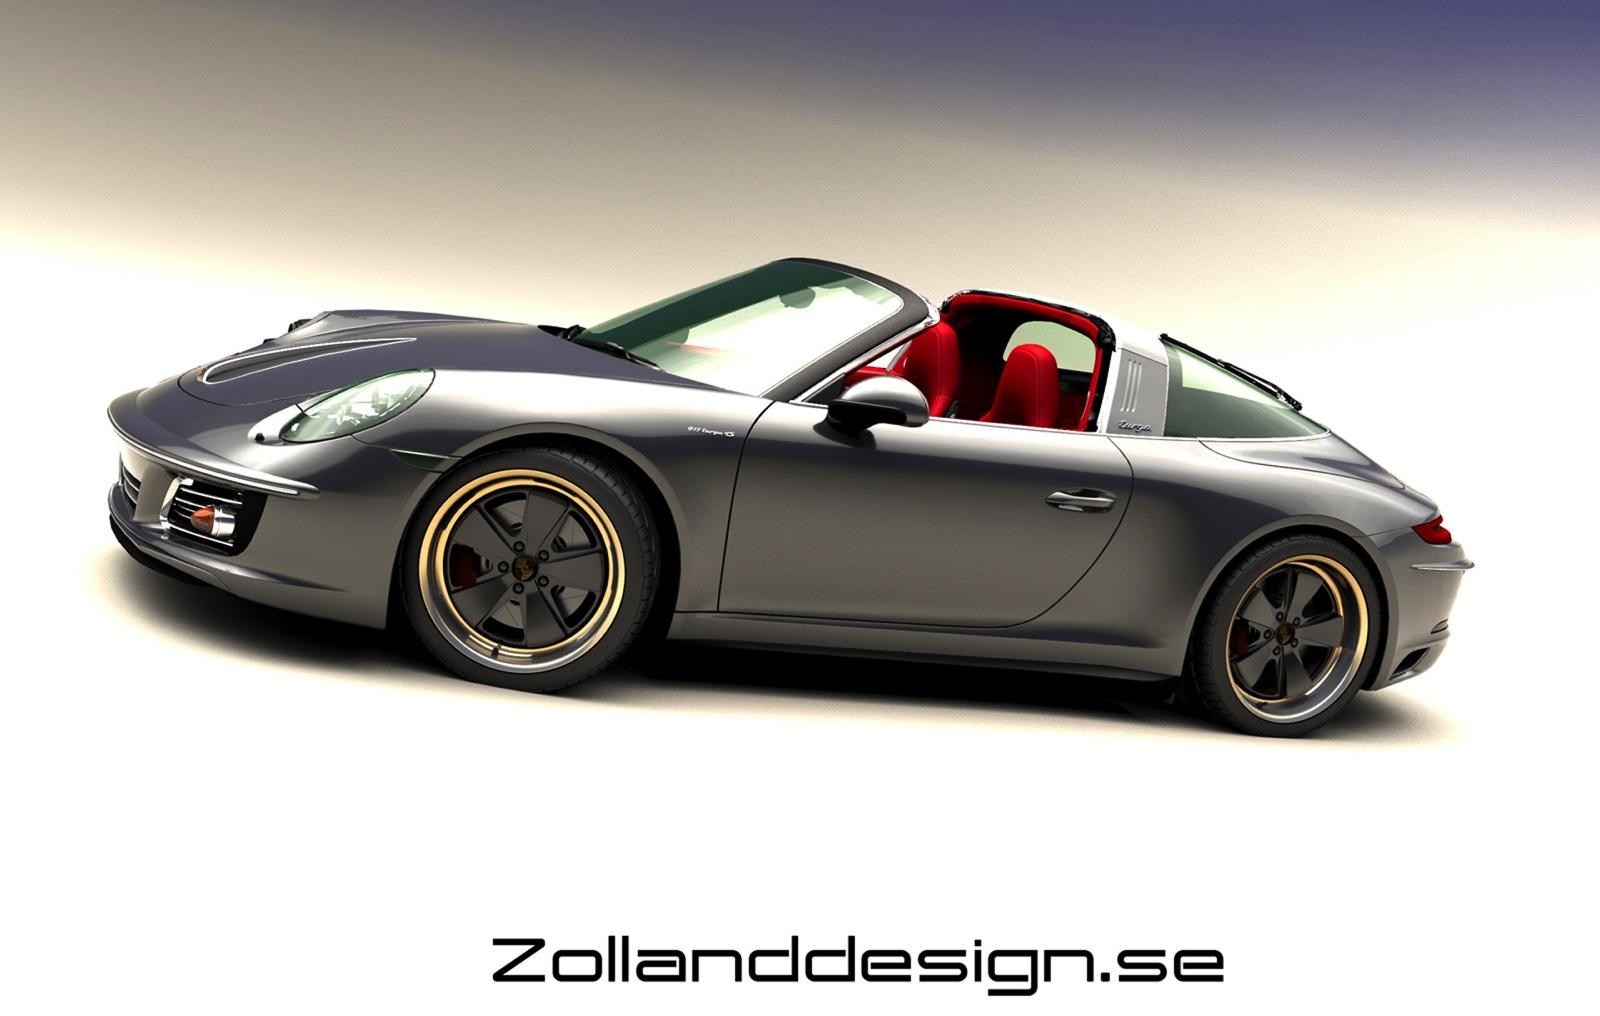 Zolland Design Porsche 911 -5- Autovisie.nl